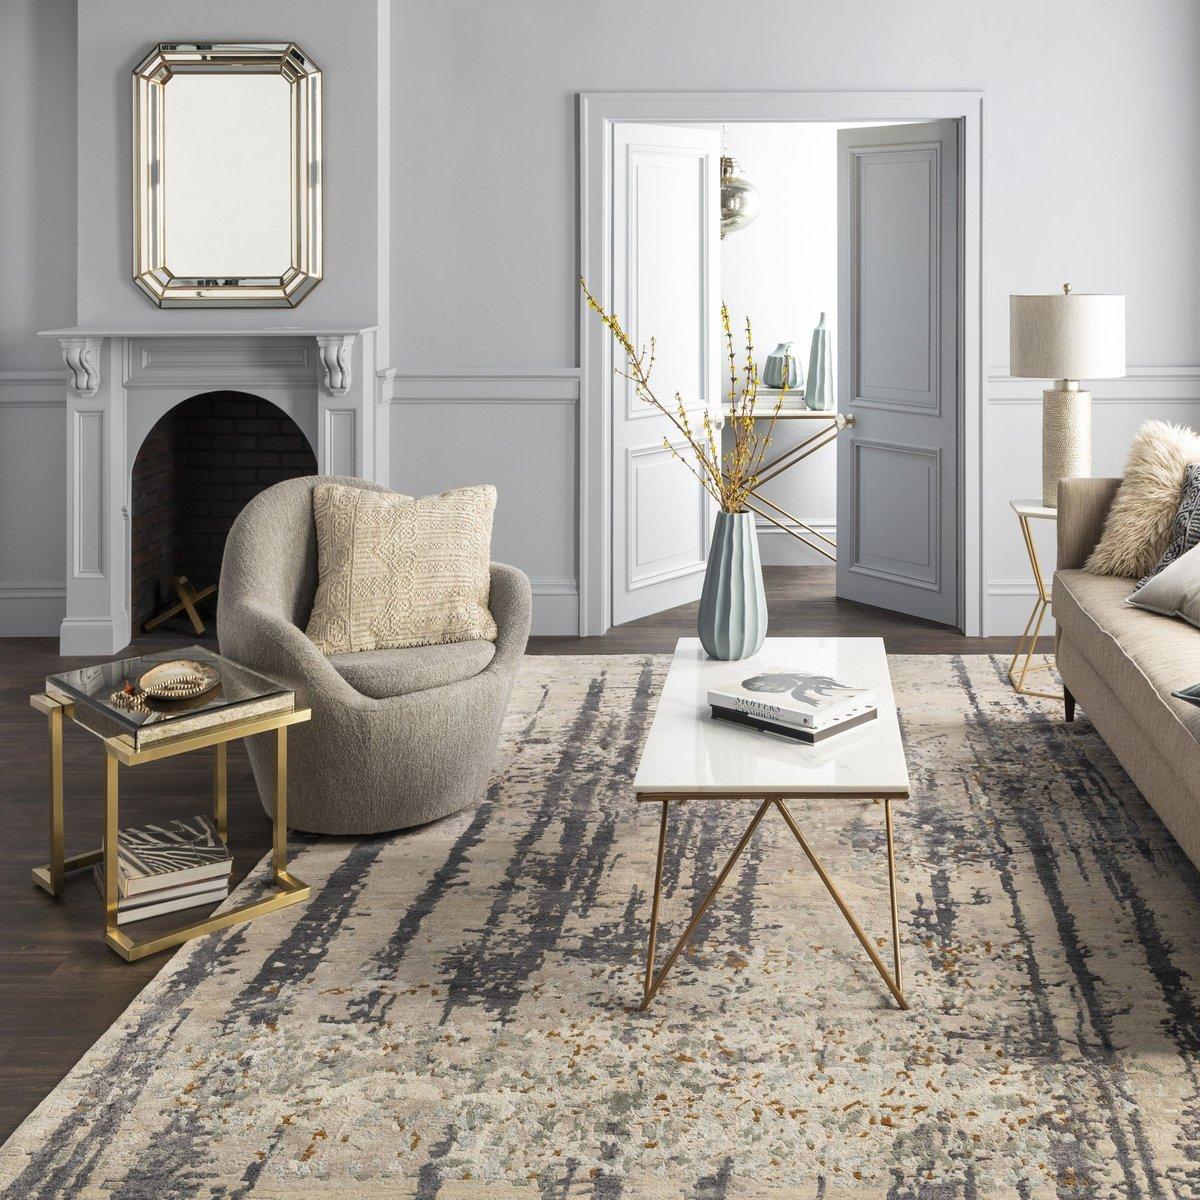 Contemporary living room rug ideas